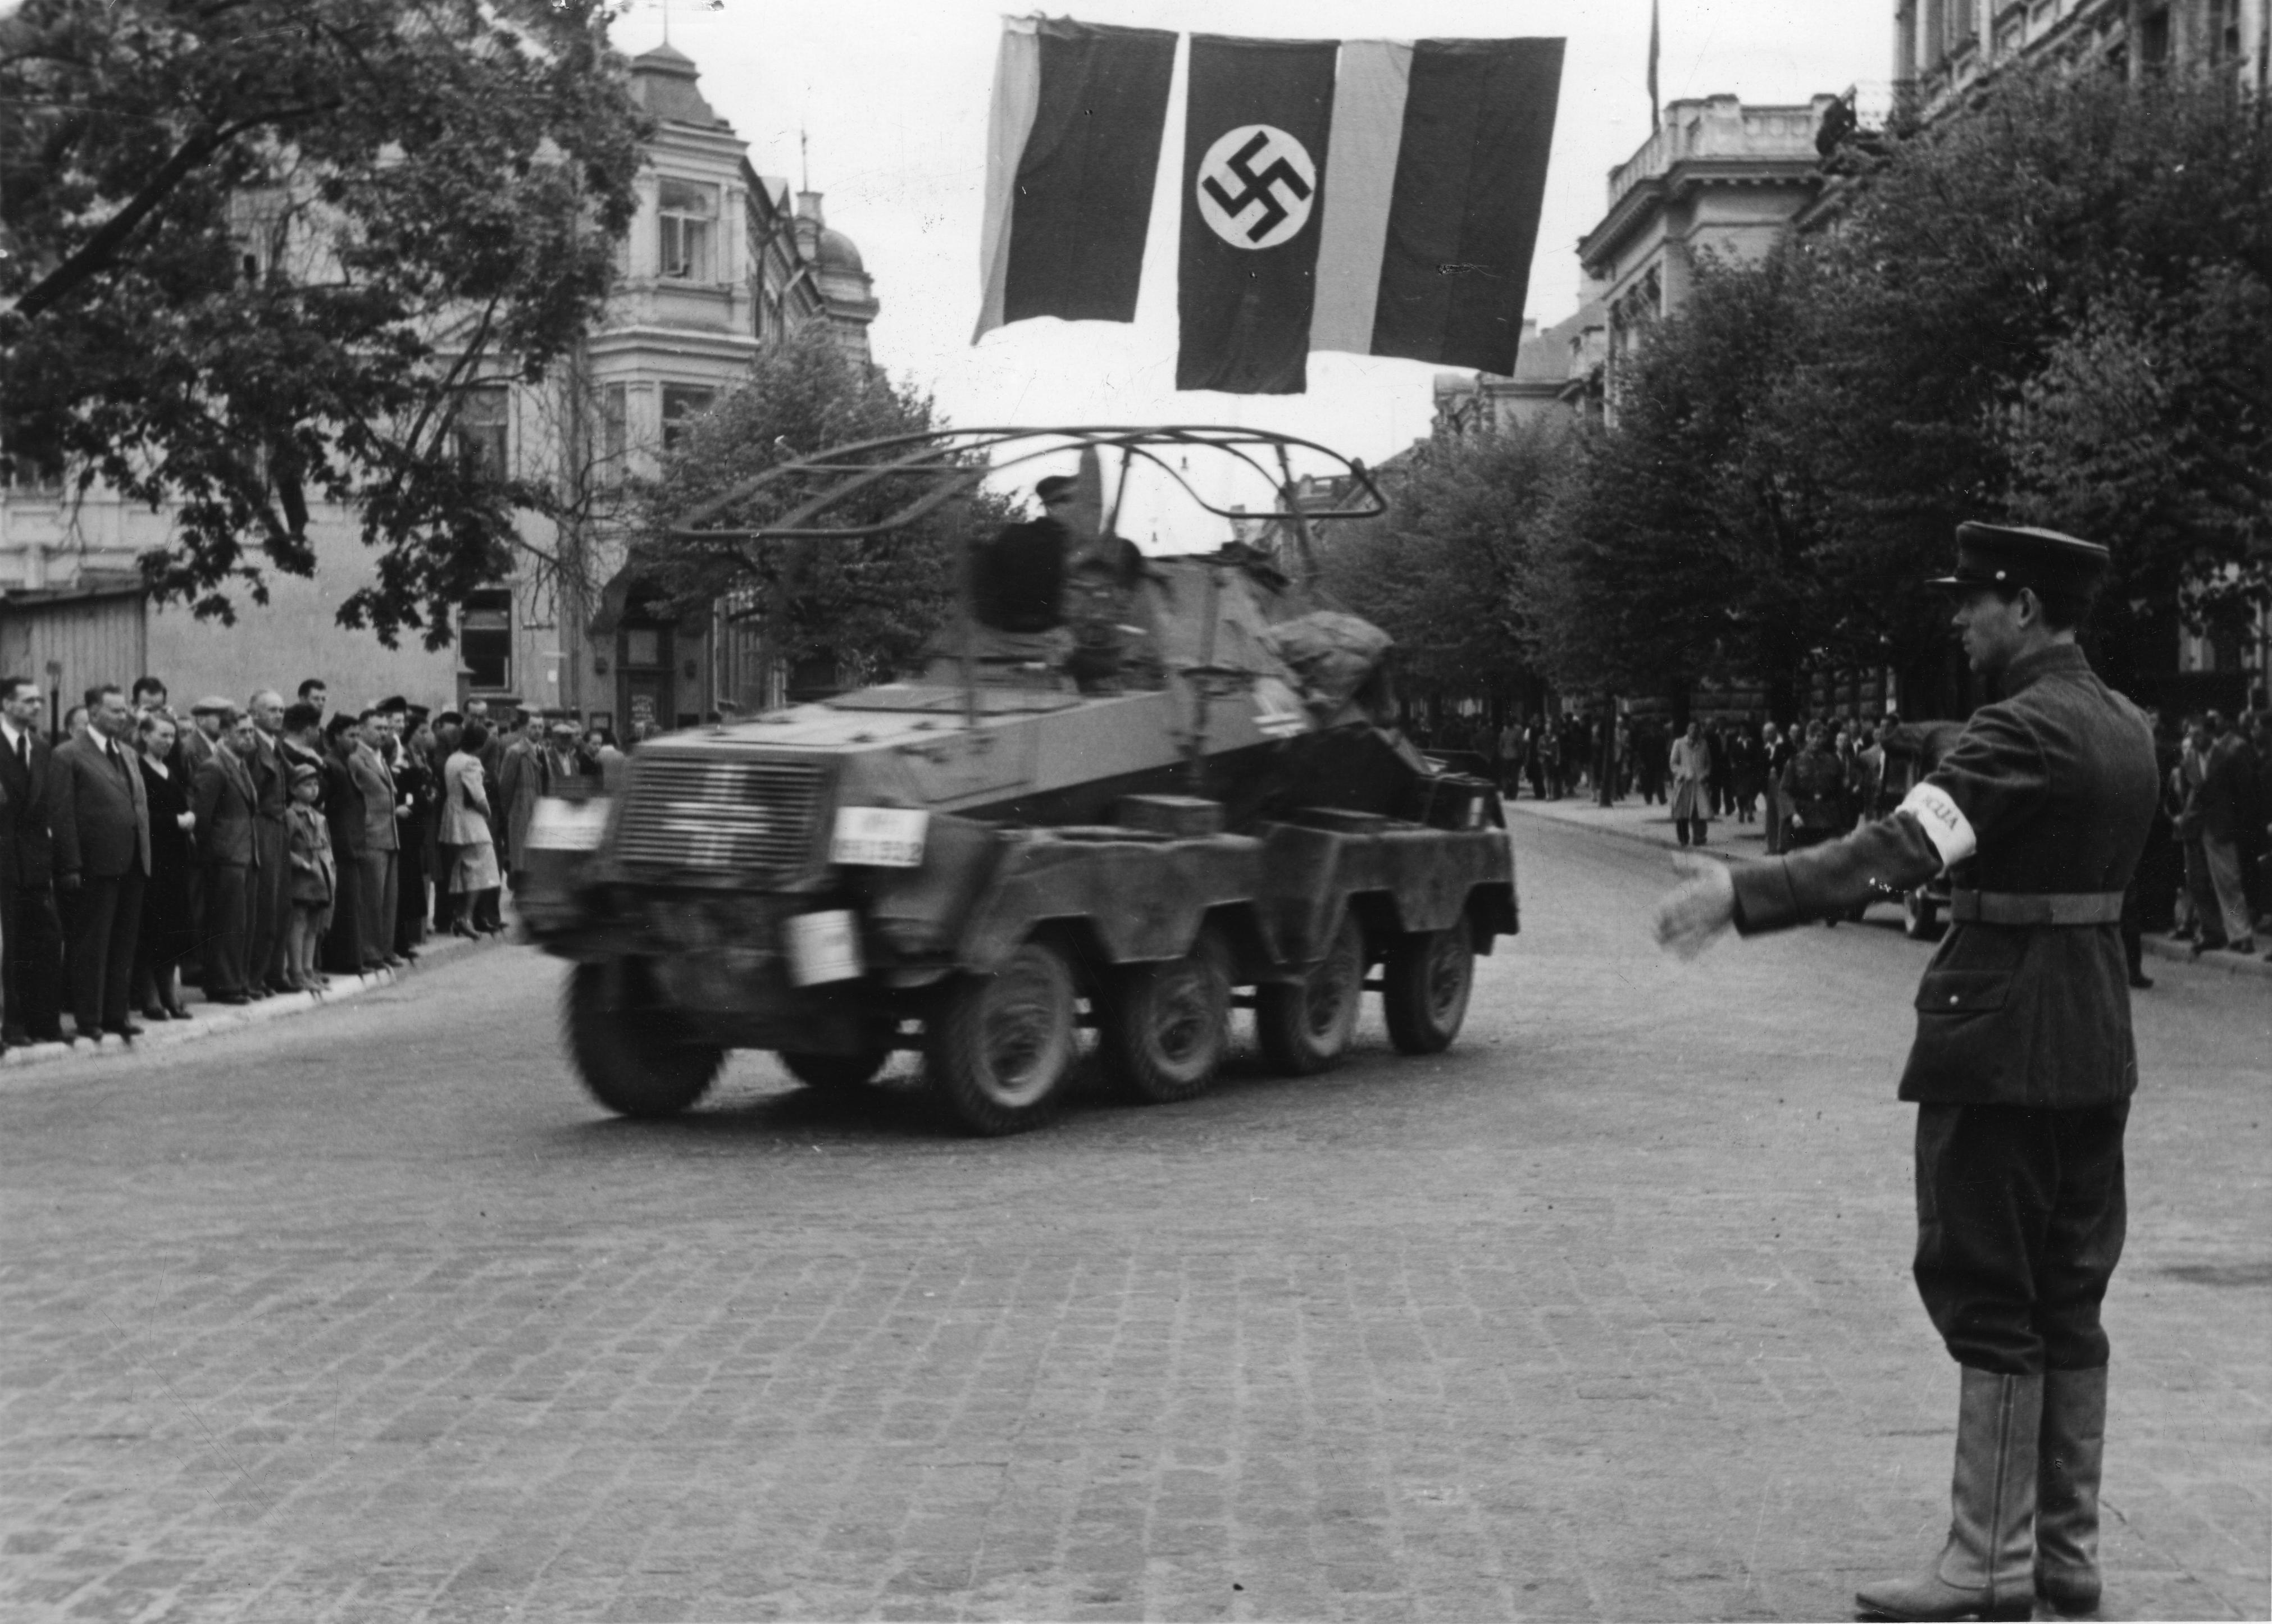 Lietuvių karys sukilėlis reguliuoja eismą Gedimino prospekto pradžioje. Atvykstant Vokietijos Vermachto daliniams Vilniuje, padėtis mieste jau valdoma sukilėlių. 1941 birželio 24 d.   Bundesarchiv nuotr.